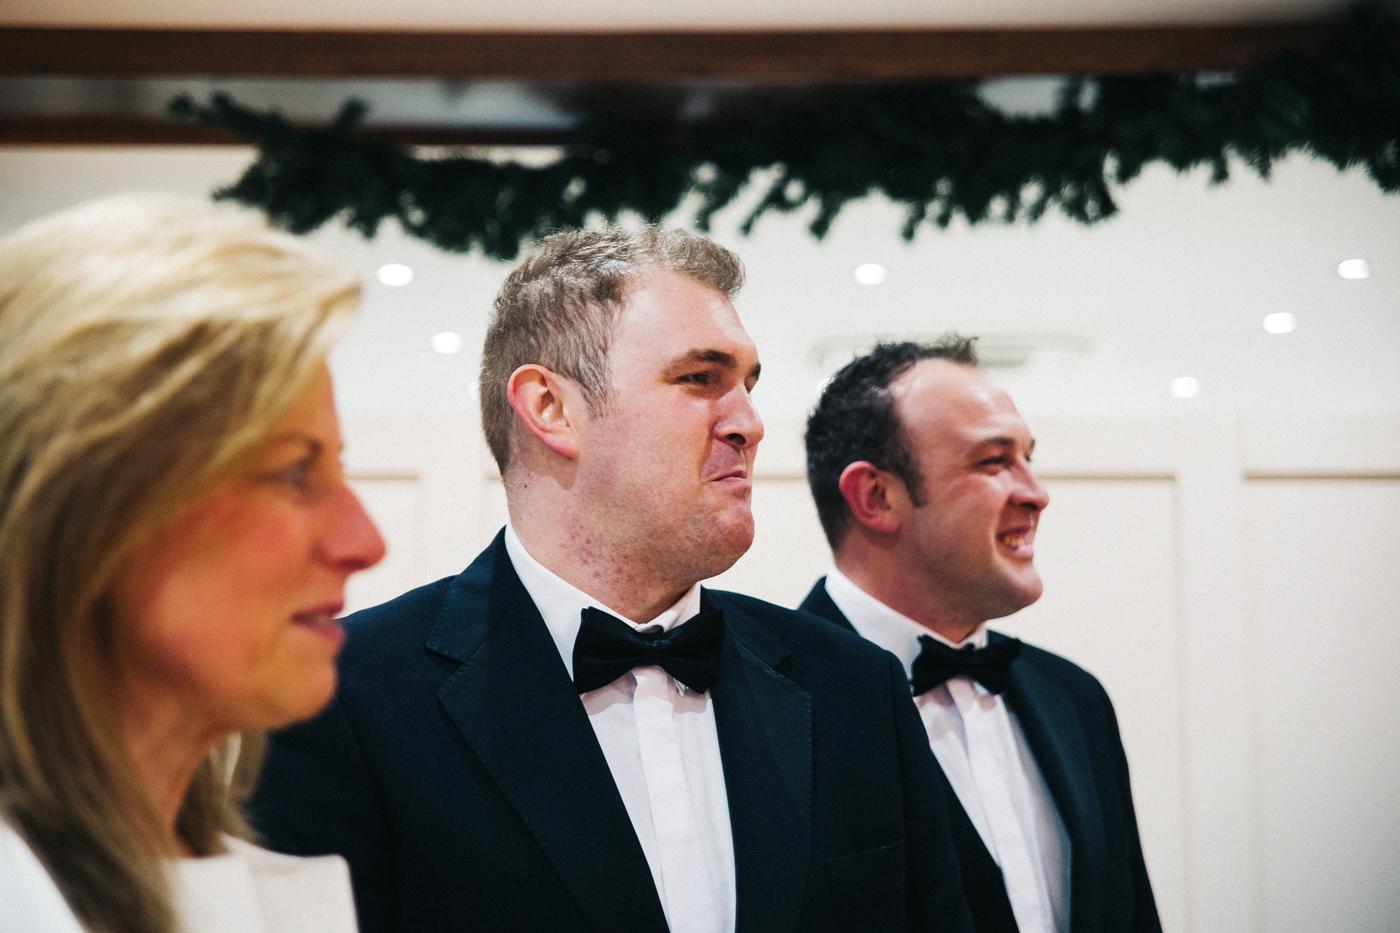 derby-derbyshire-wedding-photographer-creative-white-hart-inn-wedding-0019.jpg